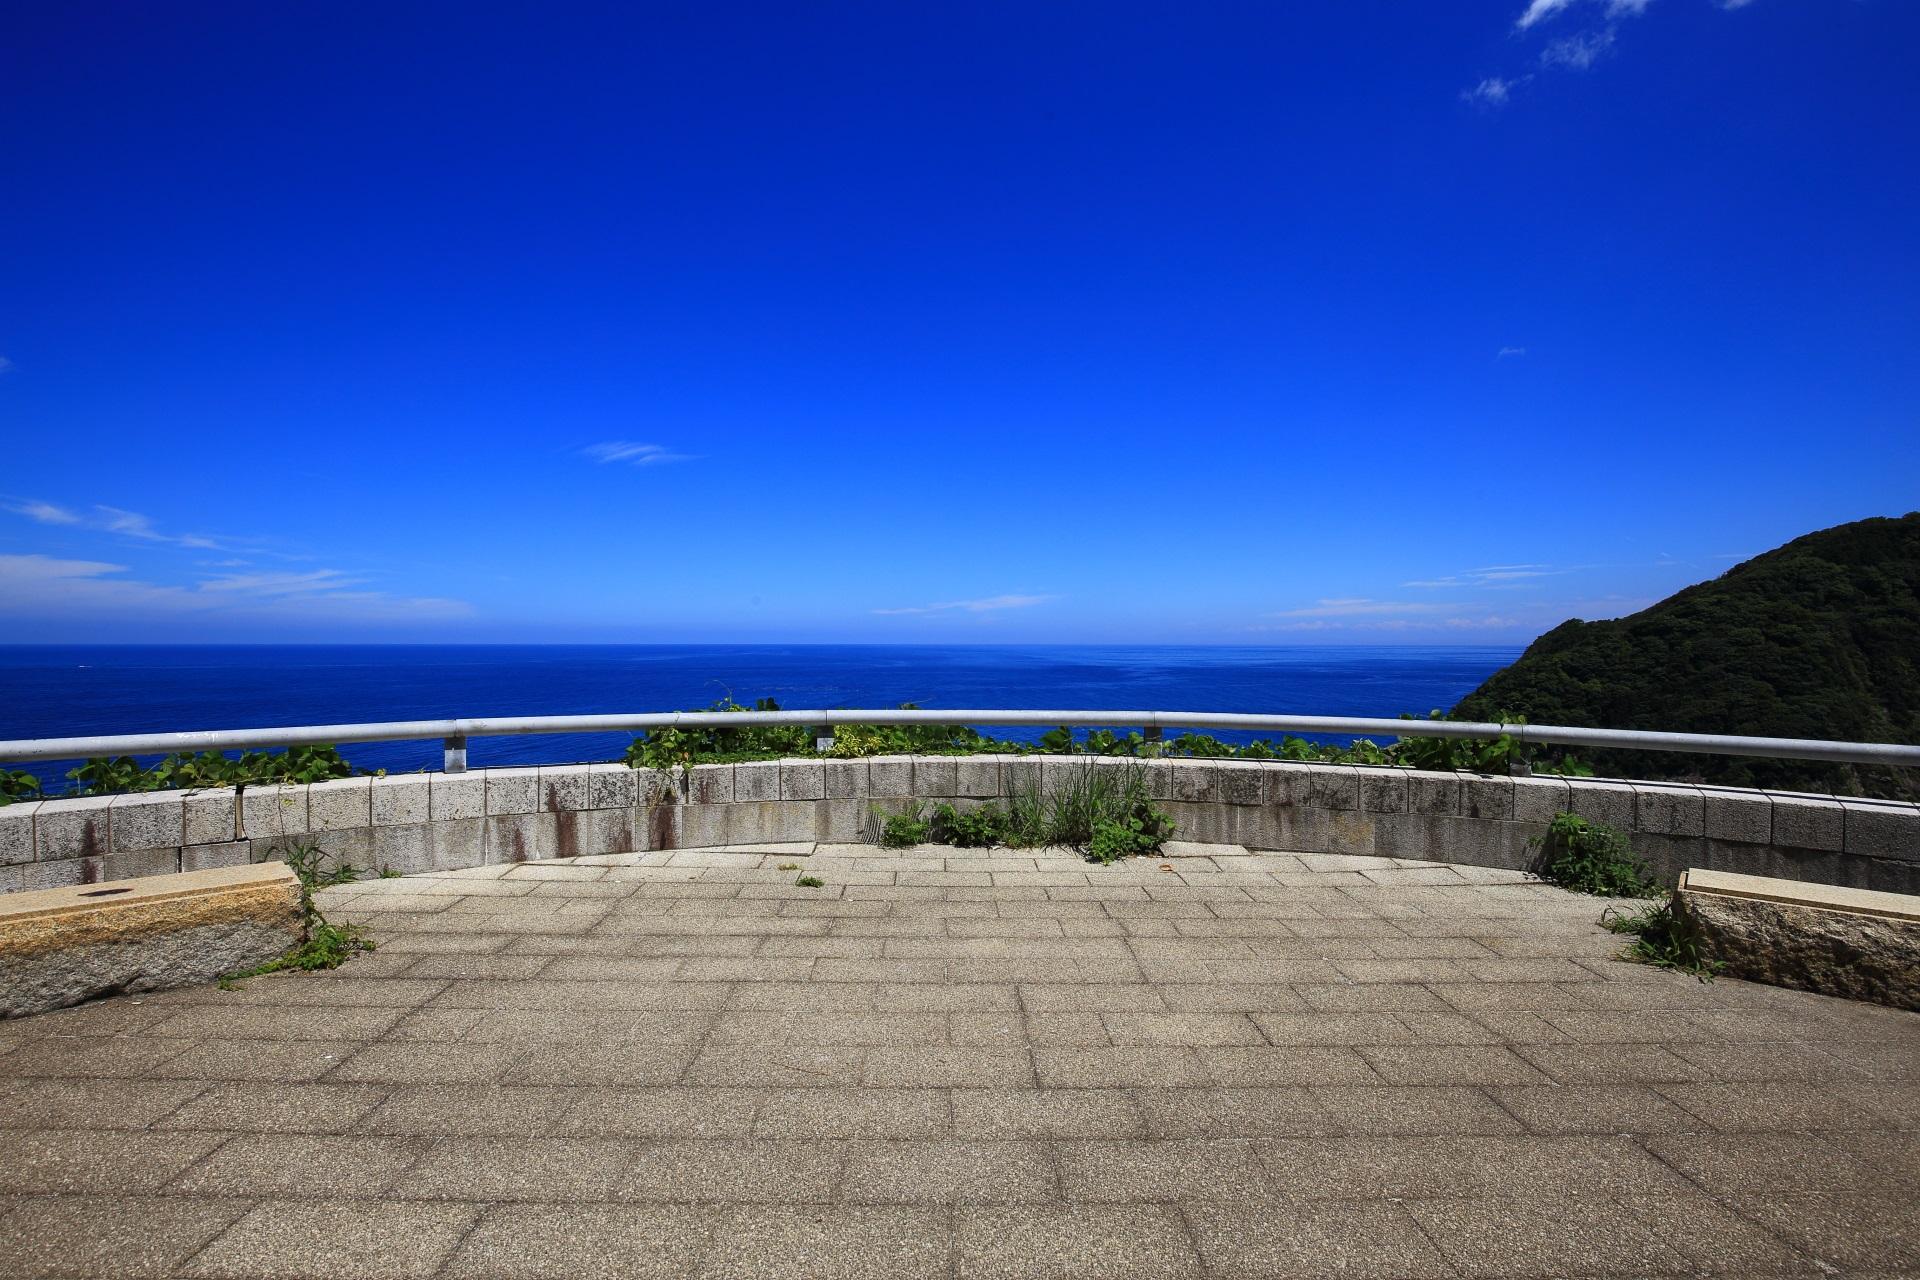 蒲入ロードパーク(カマヤ海岸展望所)